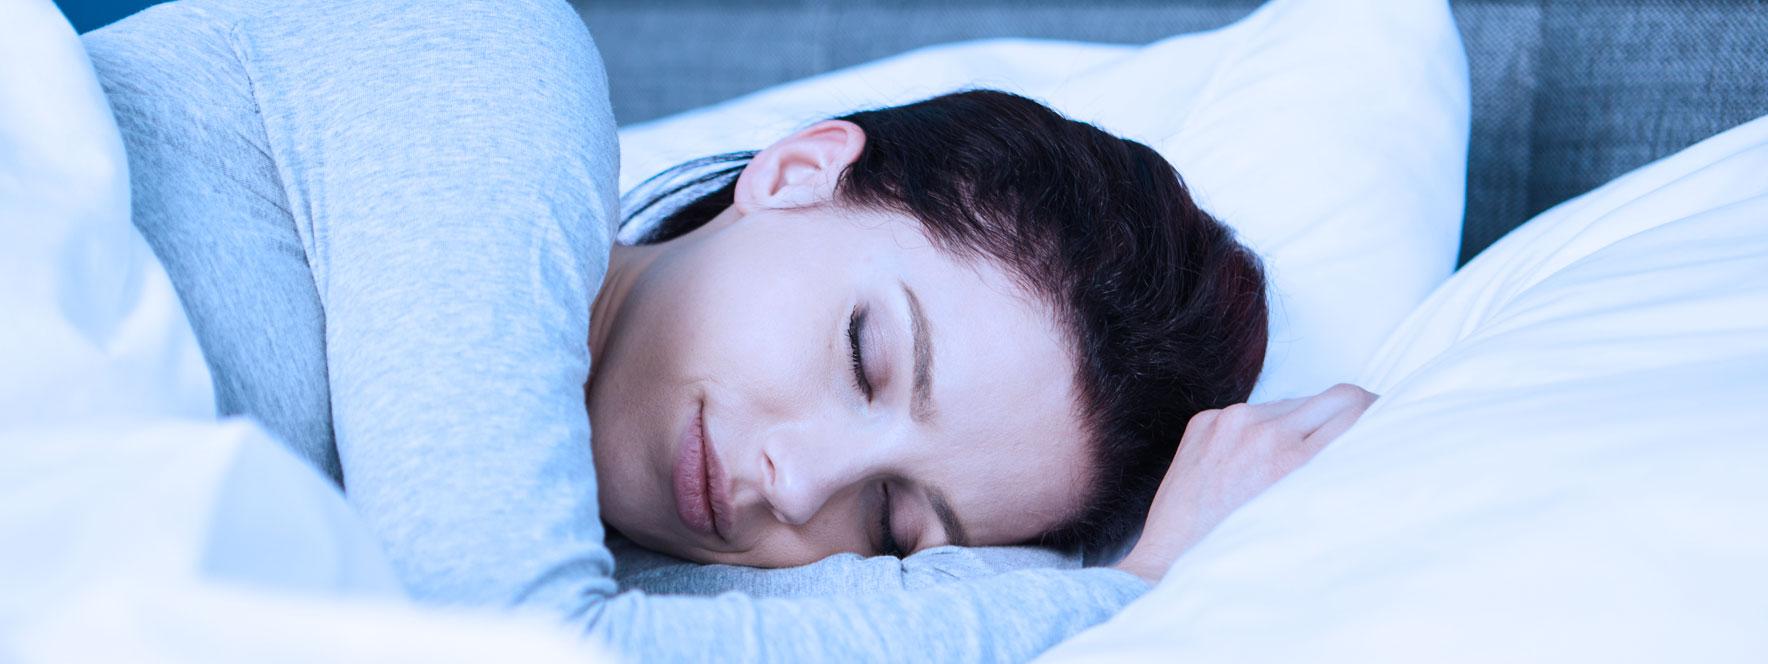 Favoriser le sommeil - Blogue du Réseau